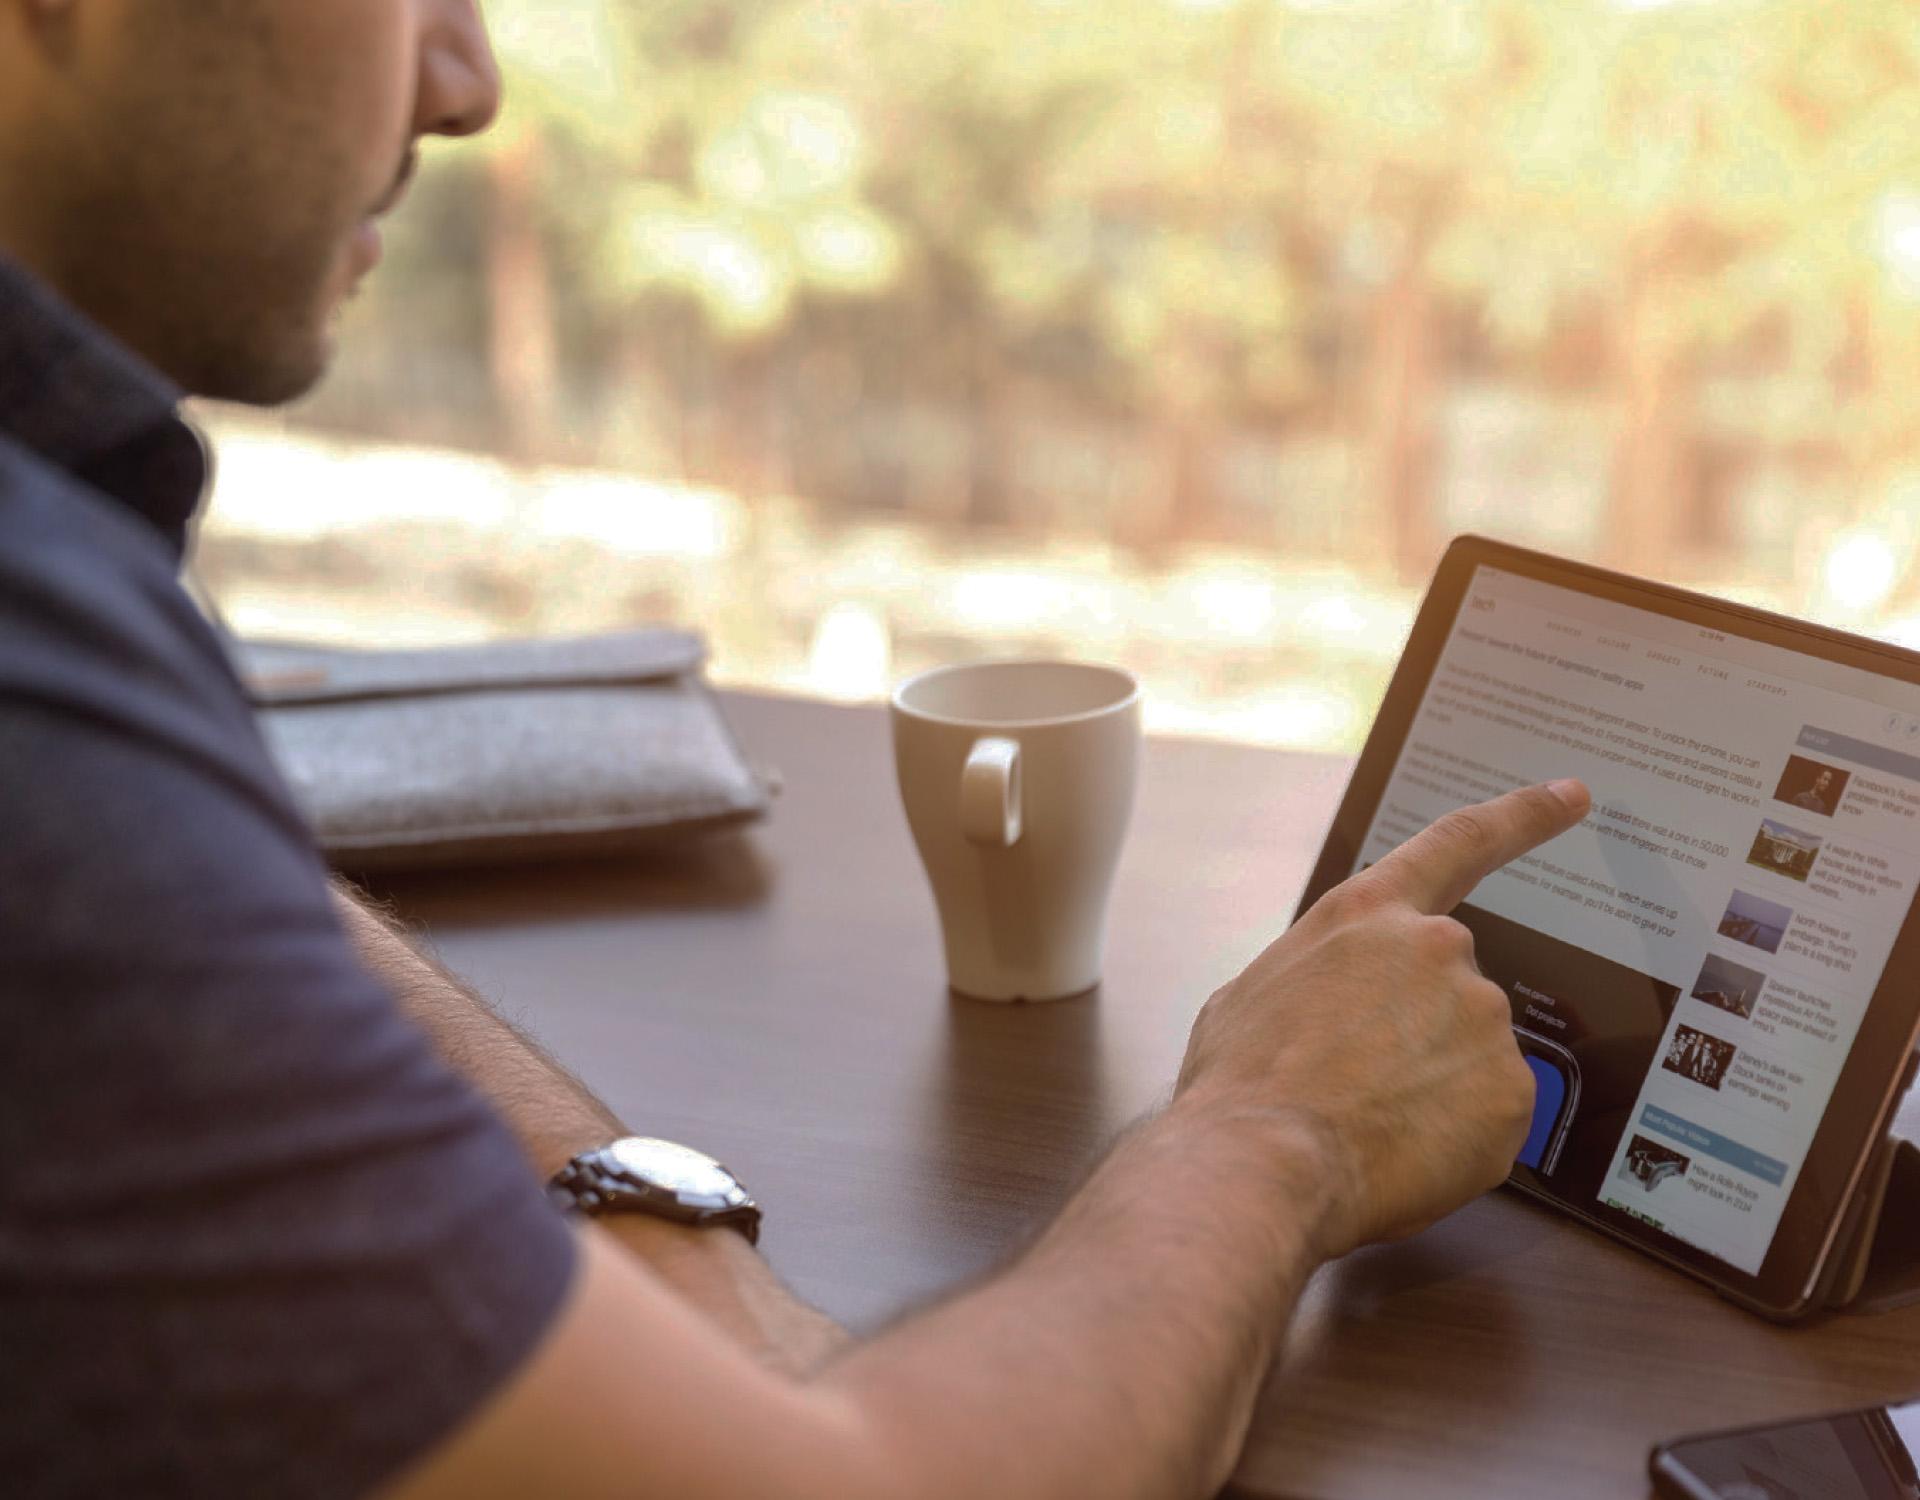 ¿Cómo capturar las diversas oportunidades innovadoras en línea para seguir avanzando el reino?